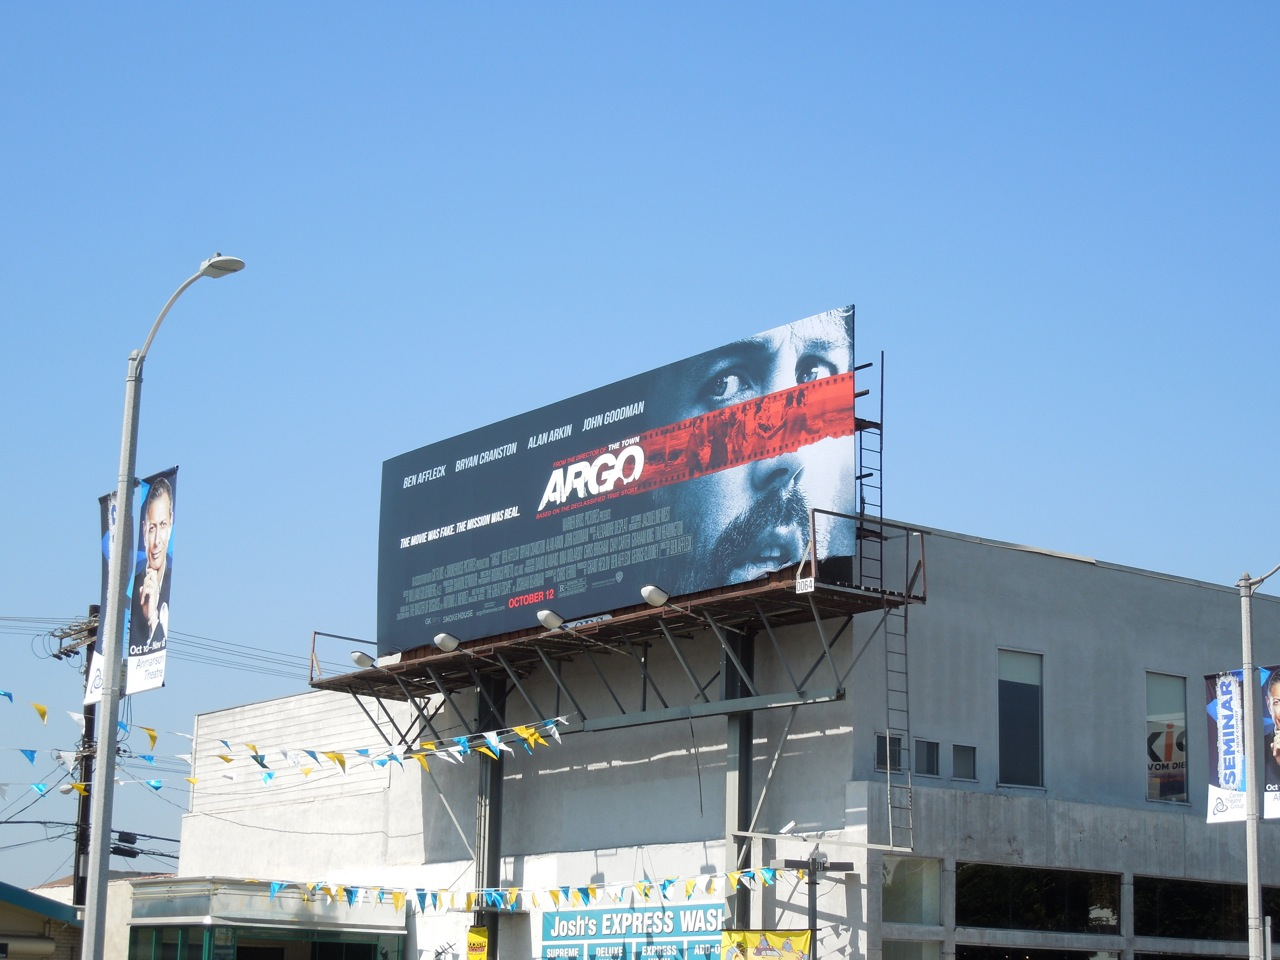 http://1.bp.blogspot.com/-mhwu4wDZM2U/UGTNHBWl6iI/AAAAAAAA1D4/FcHVF0ciha8/s1600/Argo+billboard.jpg